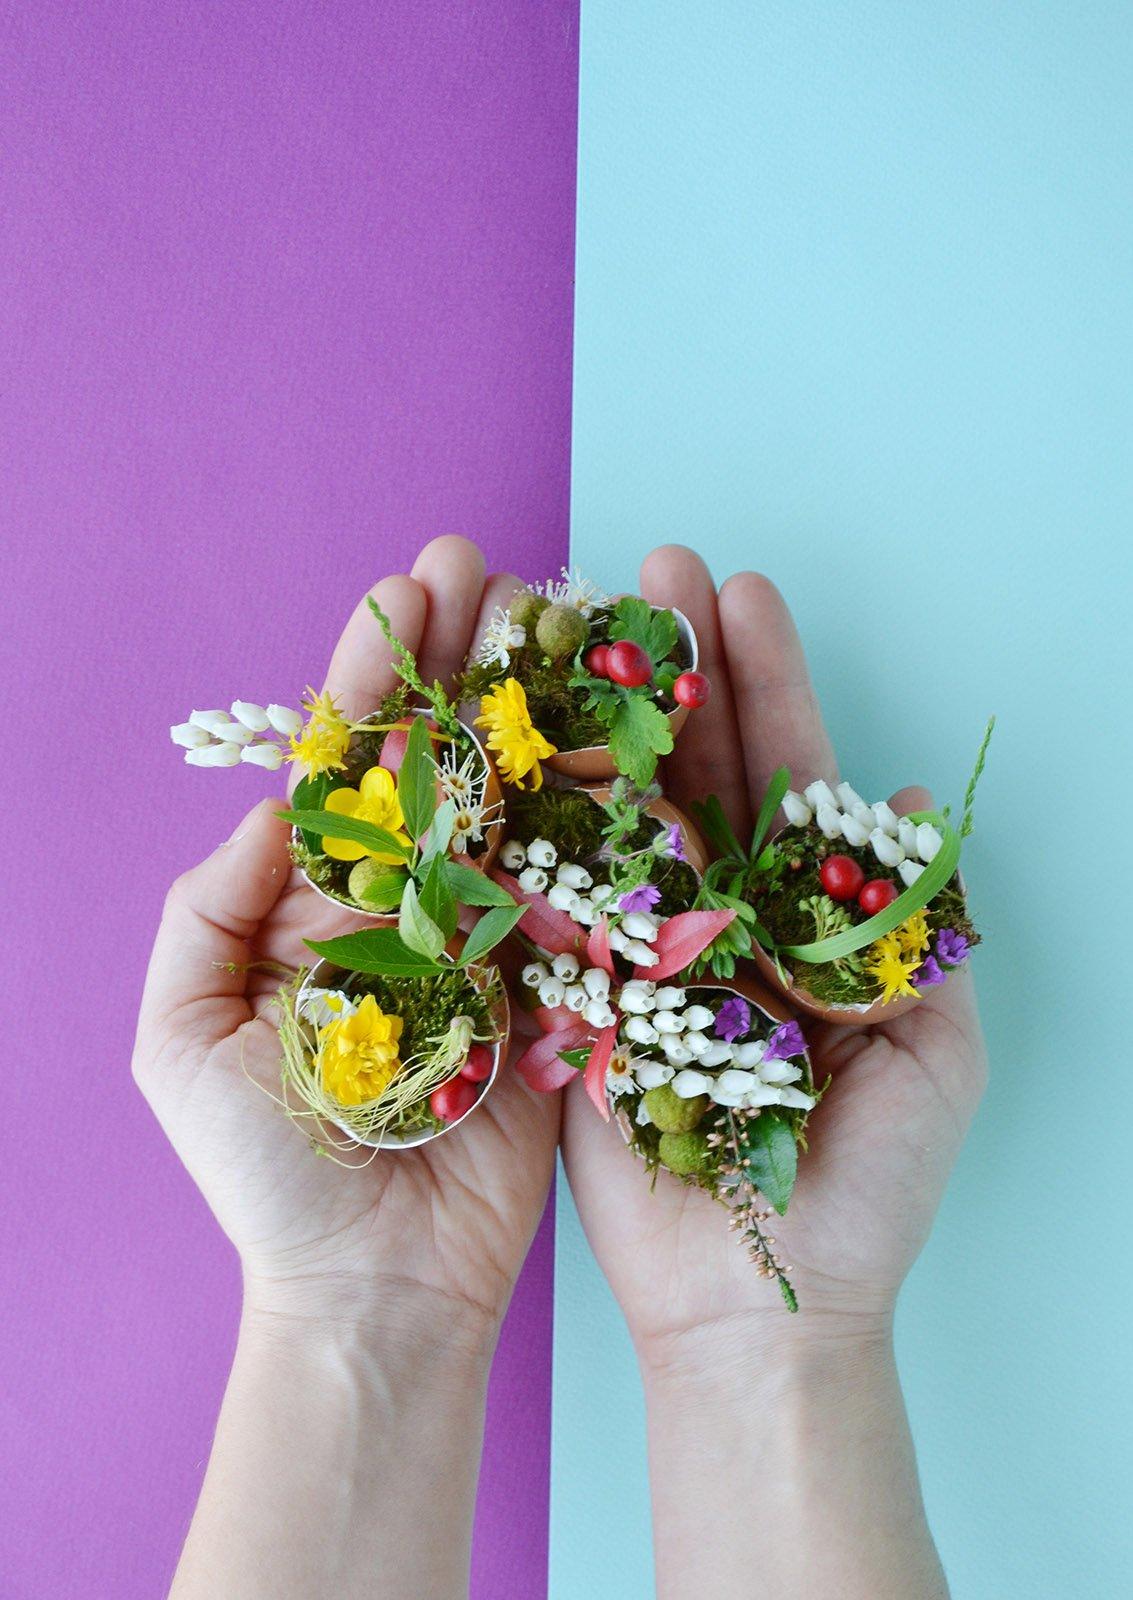 Centrotavola di pasqua mini vasi fioriti con gusci di uova cose di casa - Vasi decorati fai da te ...